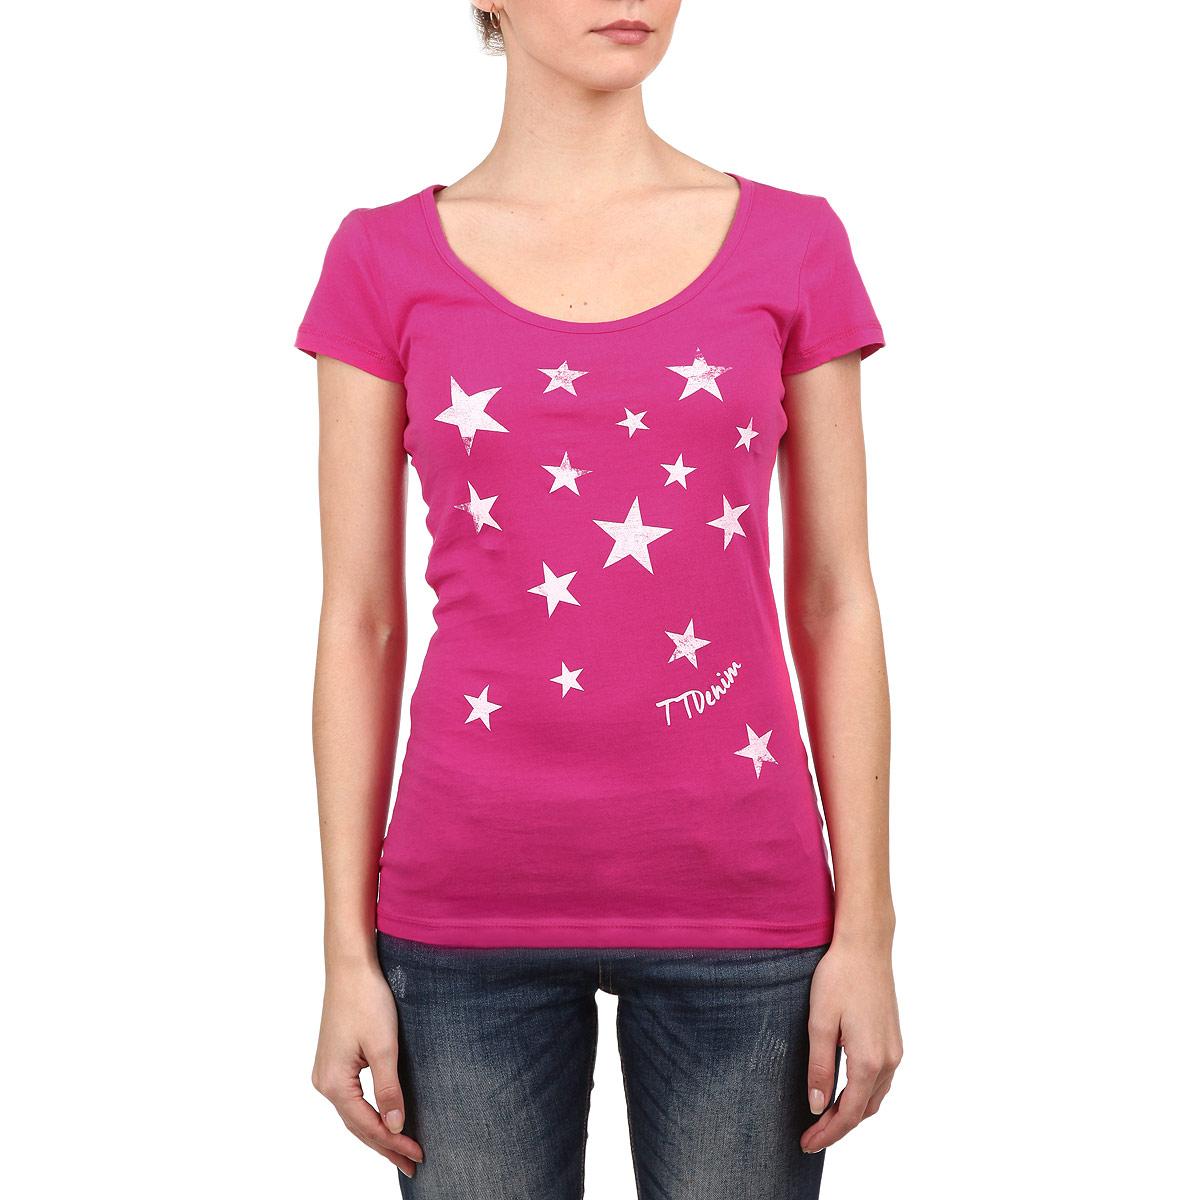 Футболка женская Denim. 1030338.00.711030338.00.71Стильная женская футболка Tom Tailor, выполненная из высококачественного мягкого хлопка, великолепно тянется, обладает высокой теплопроводностью, воздухопроницаемостью и гигроскопичностью, позволяет коже дышать. Классическая модель с короткими рукавами и круглым вырезом горловины - идеальный вариант для создания образа в стиле Casual. Футболка оформлена принтом с изображением звезд. Такая модель будет дарить вам комфорт в течение всего дня и послужит замечательным дополнением к вашему гардеробу.